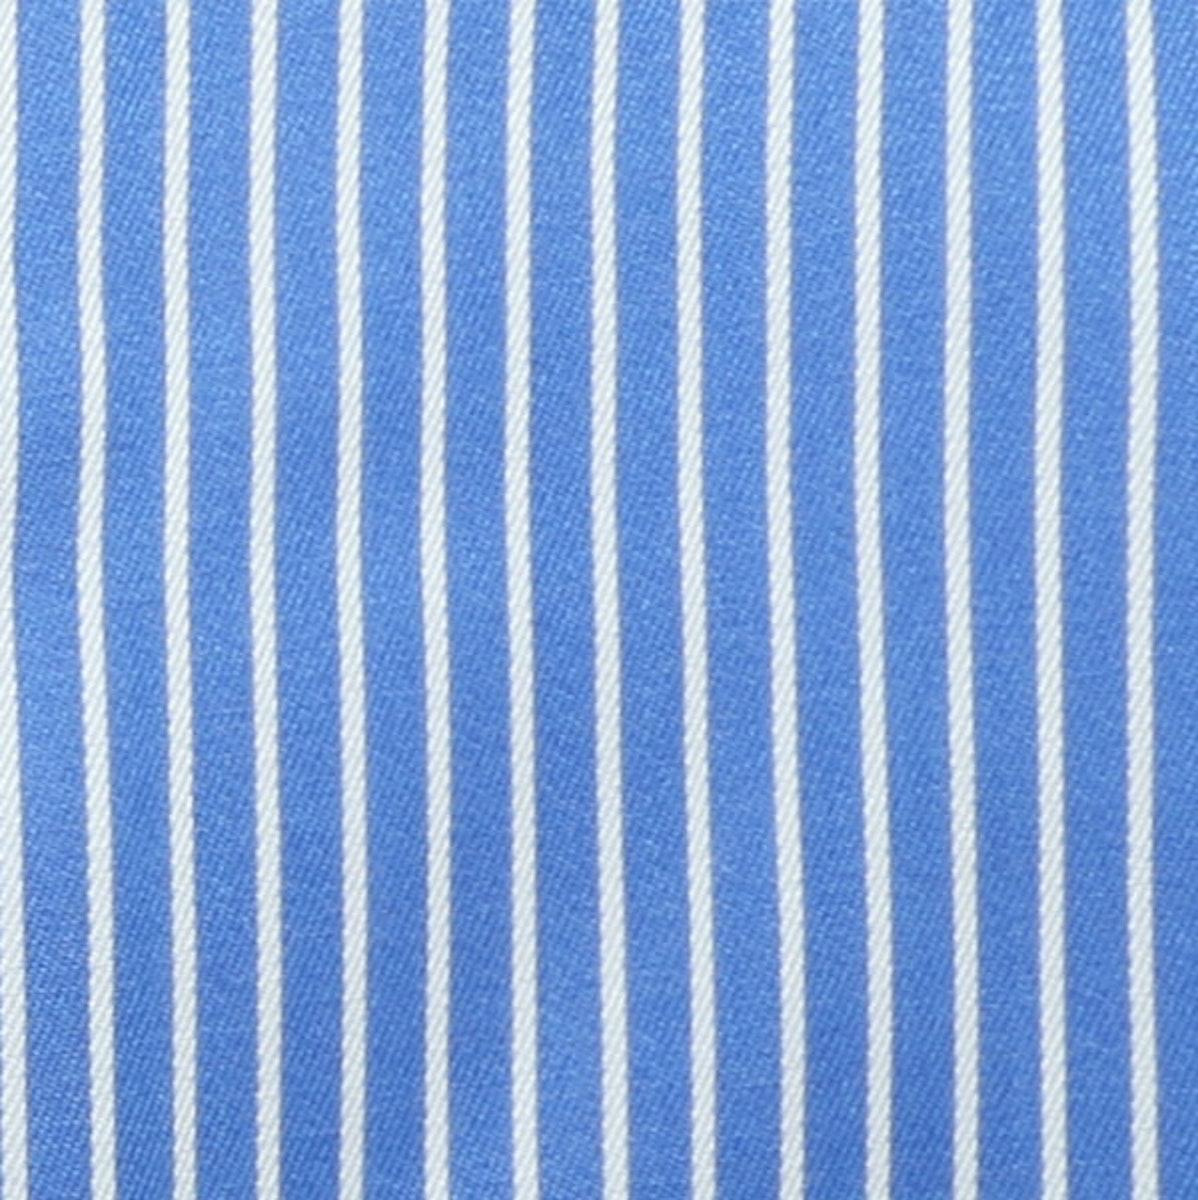 InStitchu Shirt Fabric 2723